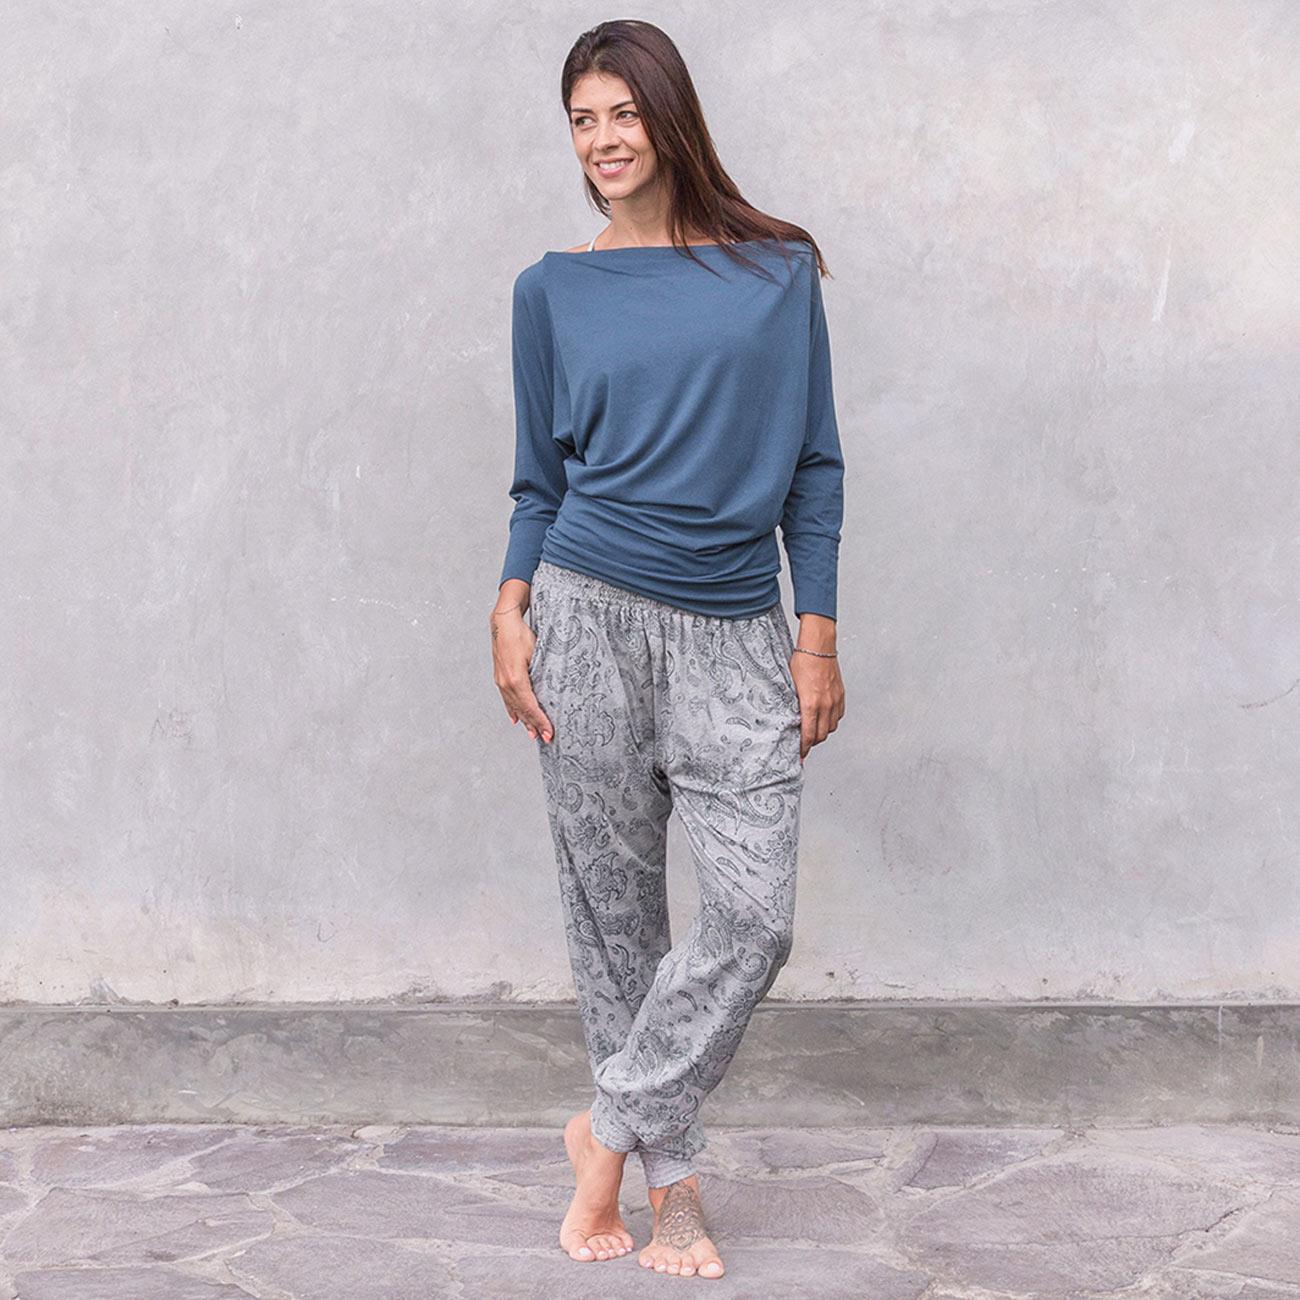 Jaya Fashion - feinste Yoga Kleidung aus Bio-Baumwolle